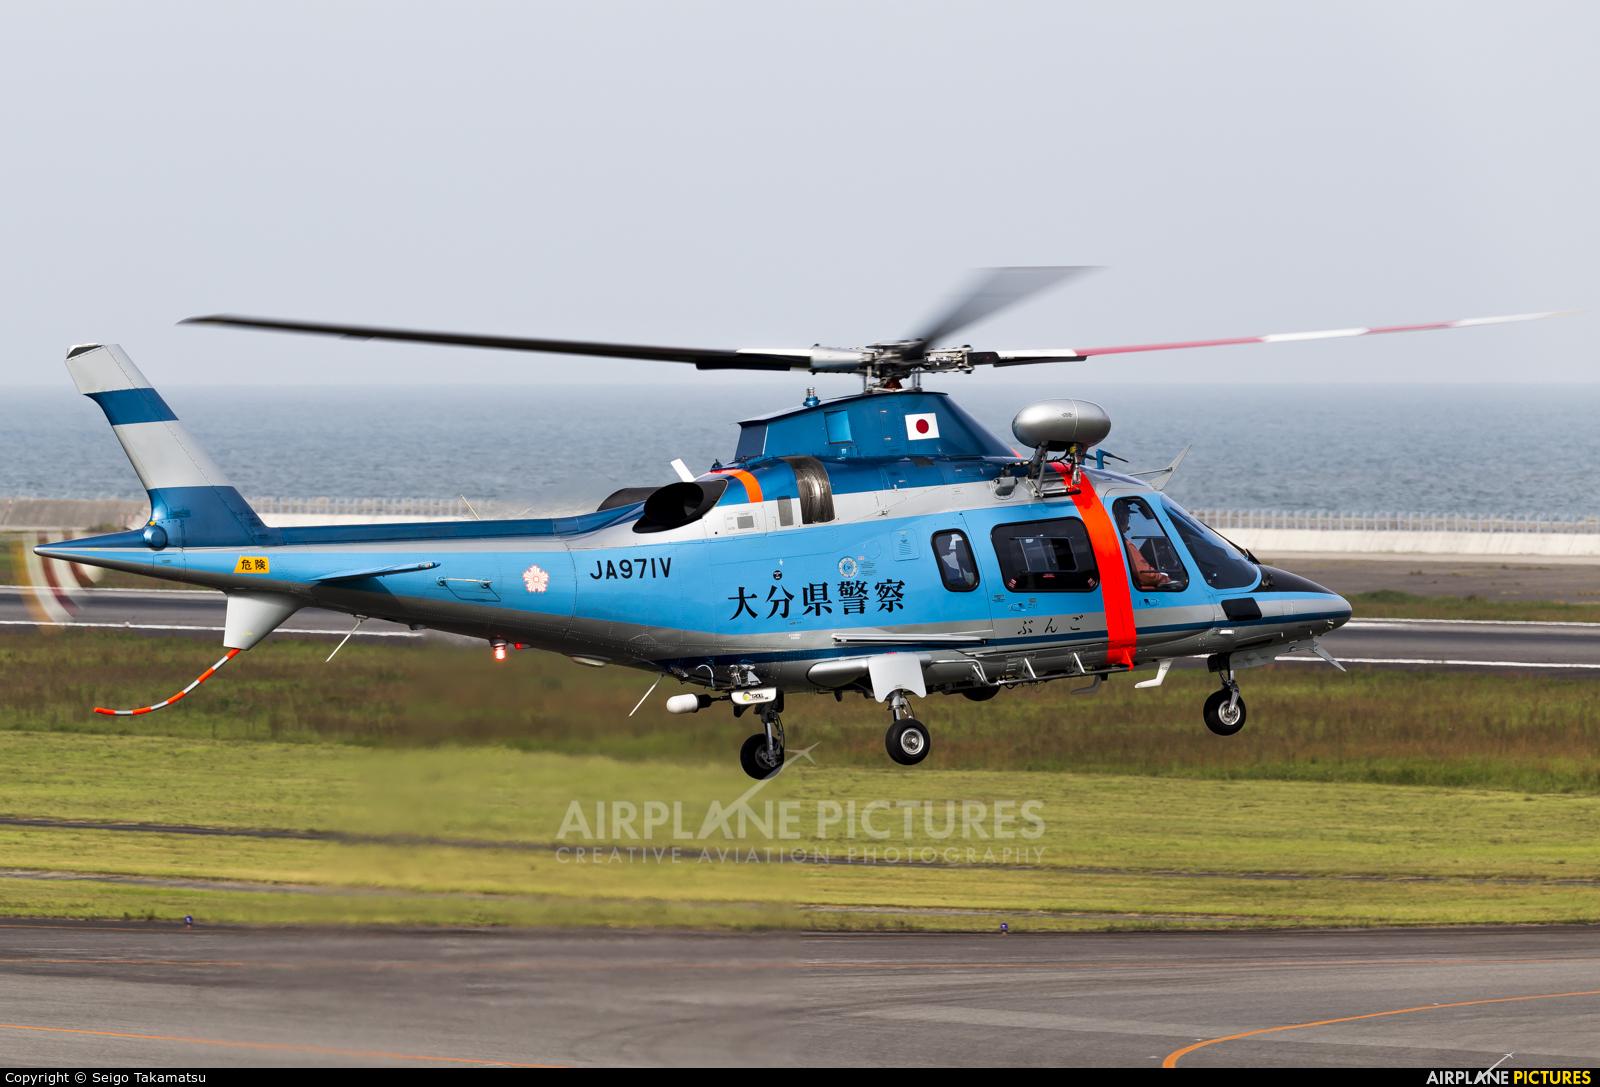 Japan - Police JA971V aircraft at Oita